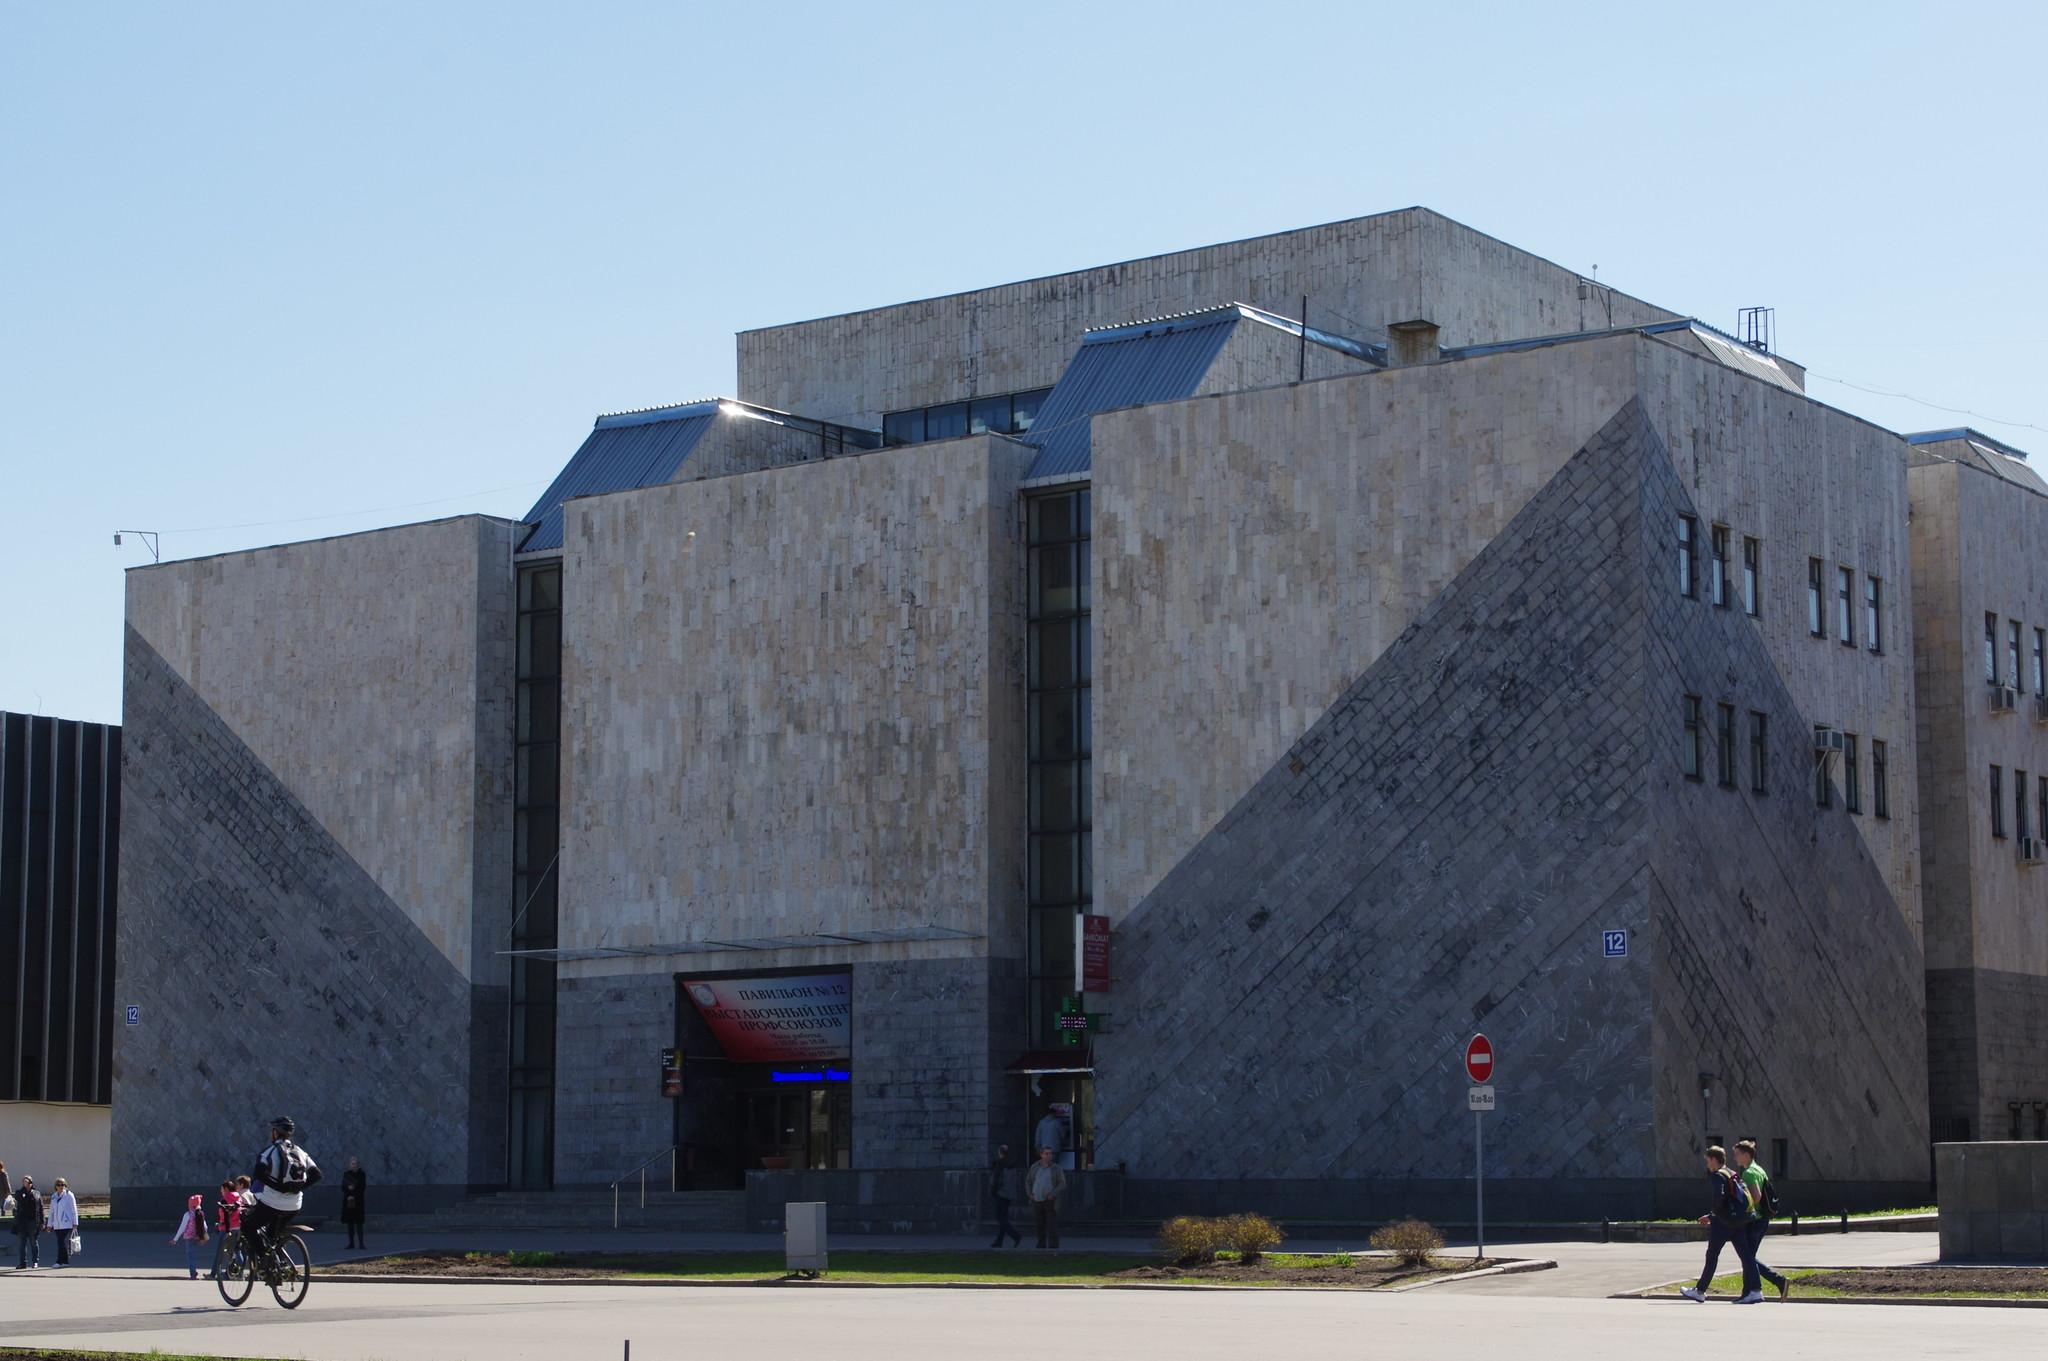 Павильон № 12 «Выставочный центр профсоюзов» на ВДНХ